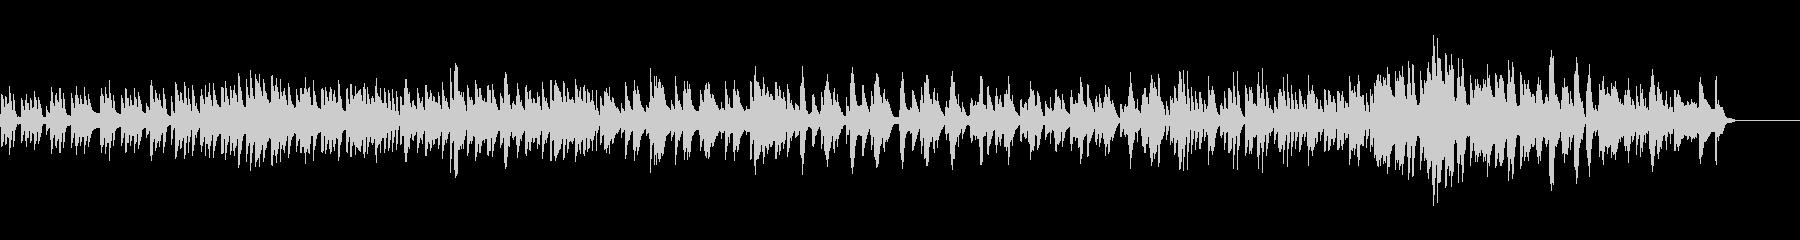 テンポ感あるハープ曲の未再生の波形